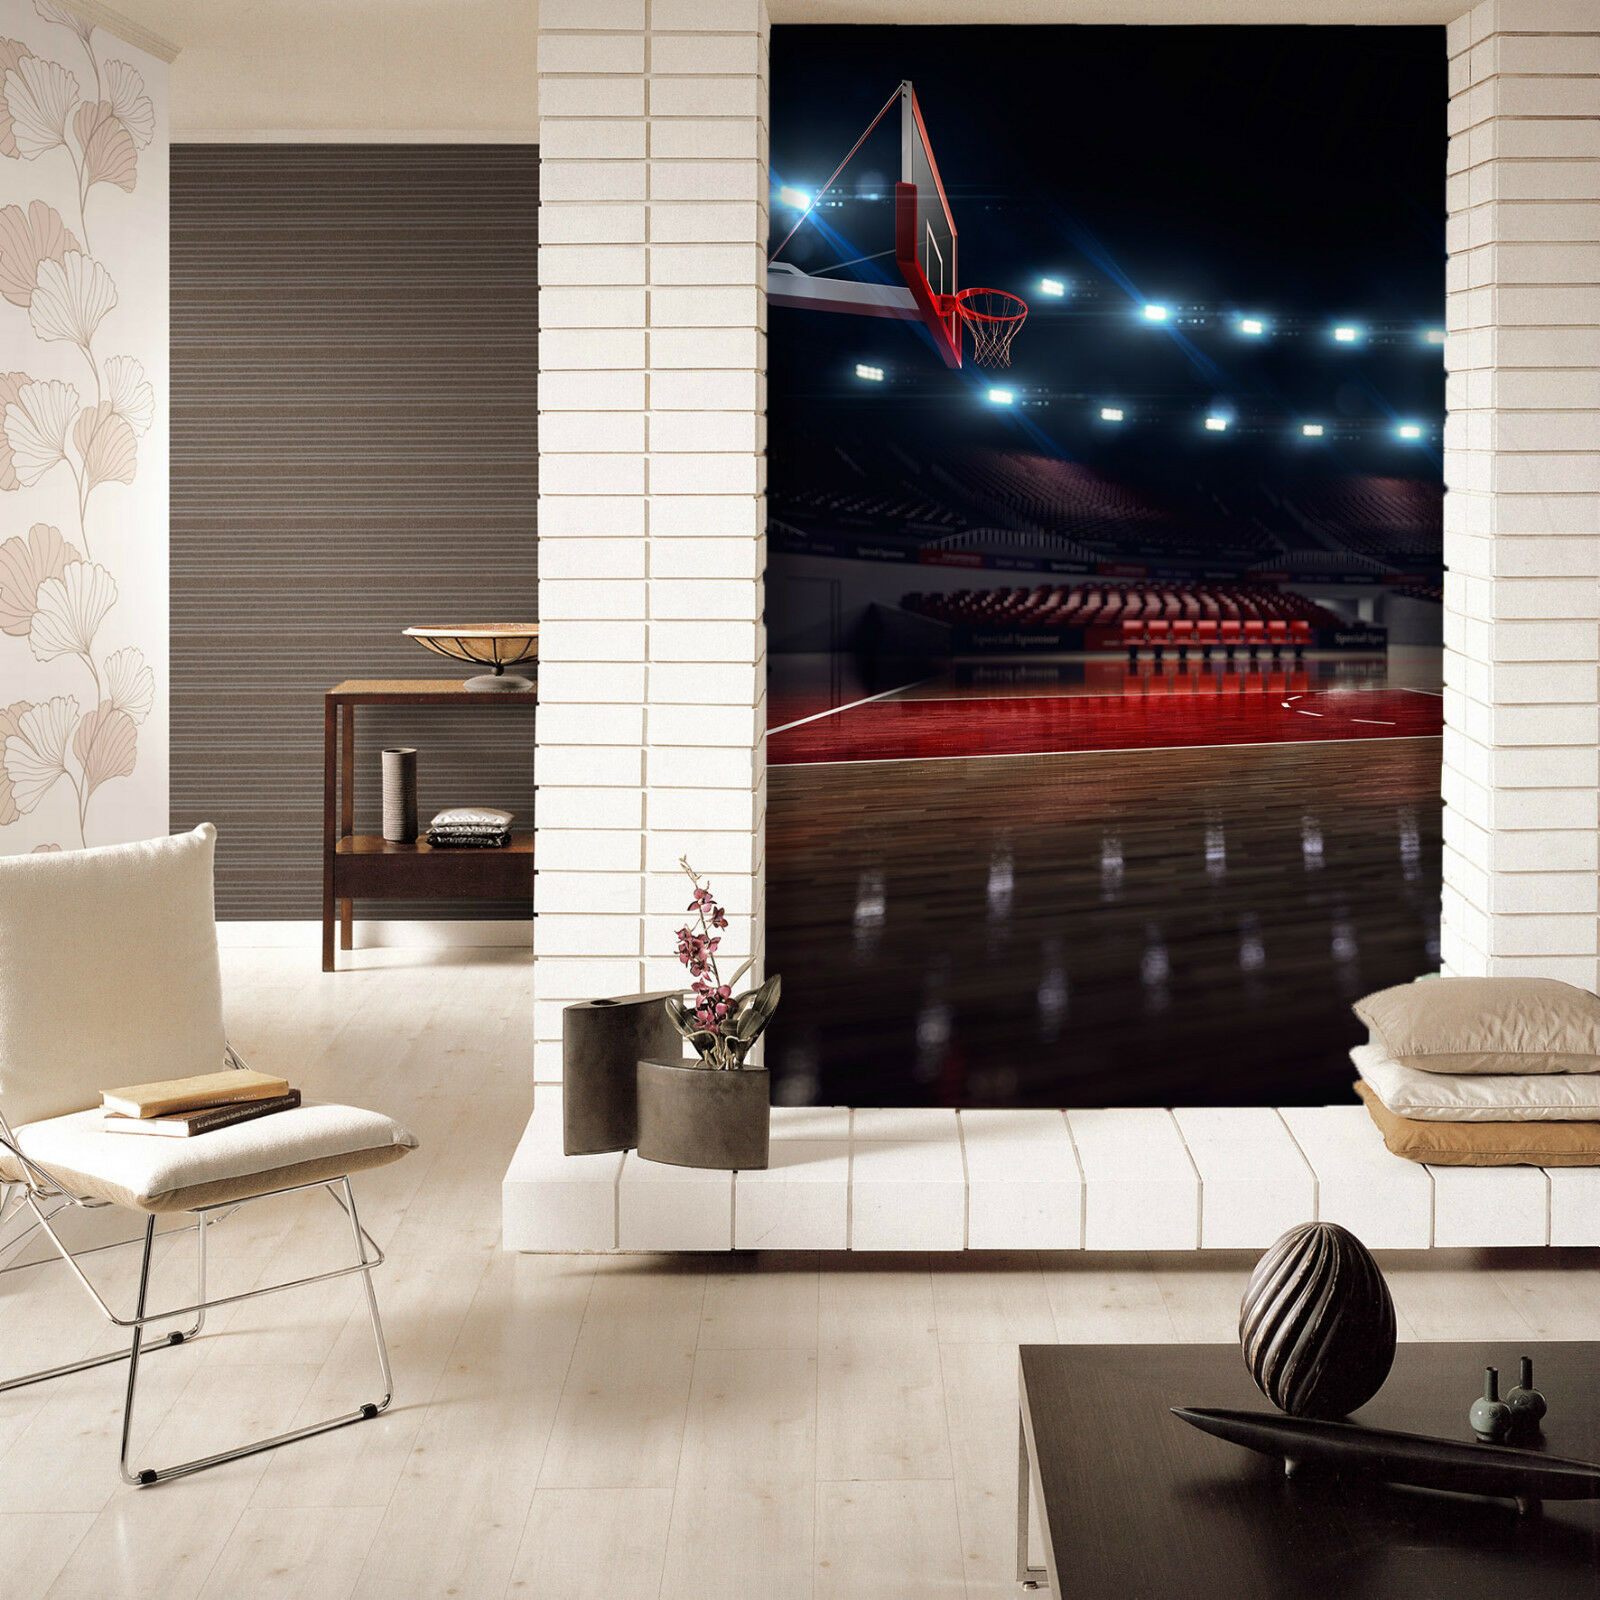 3D Indoor Basketball Basketball Basketball Court 564 Wall Paper Wall Print Decal Wall AJ WALLPAPER CA 2105d0